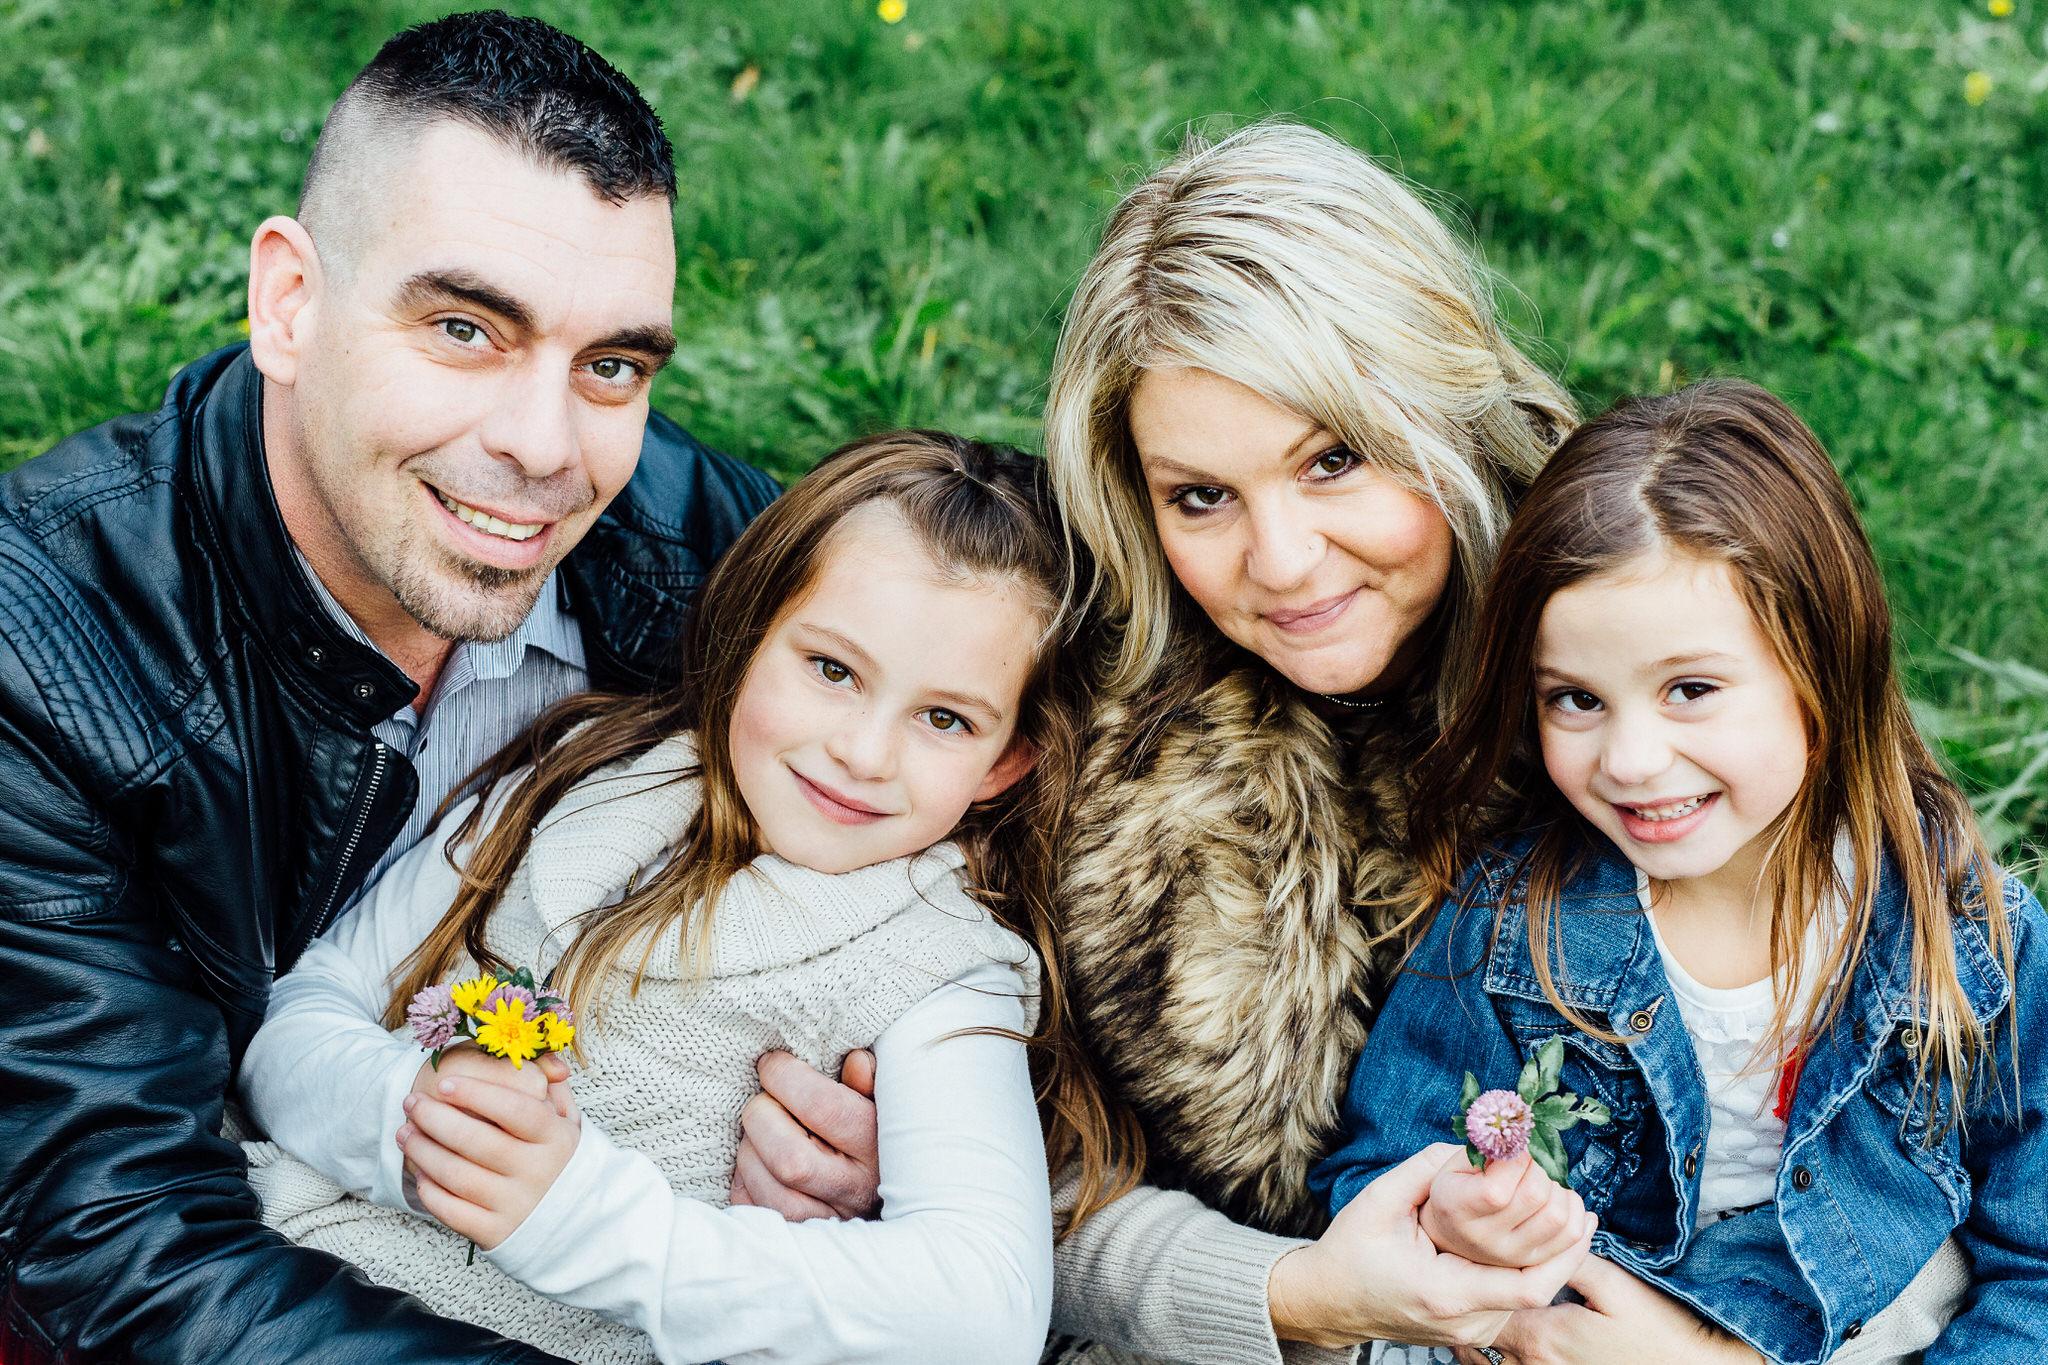 Chilliwack-Fraser-Valley-Family-Photographer.jpg